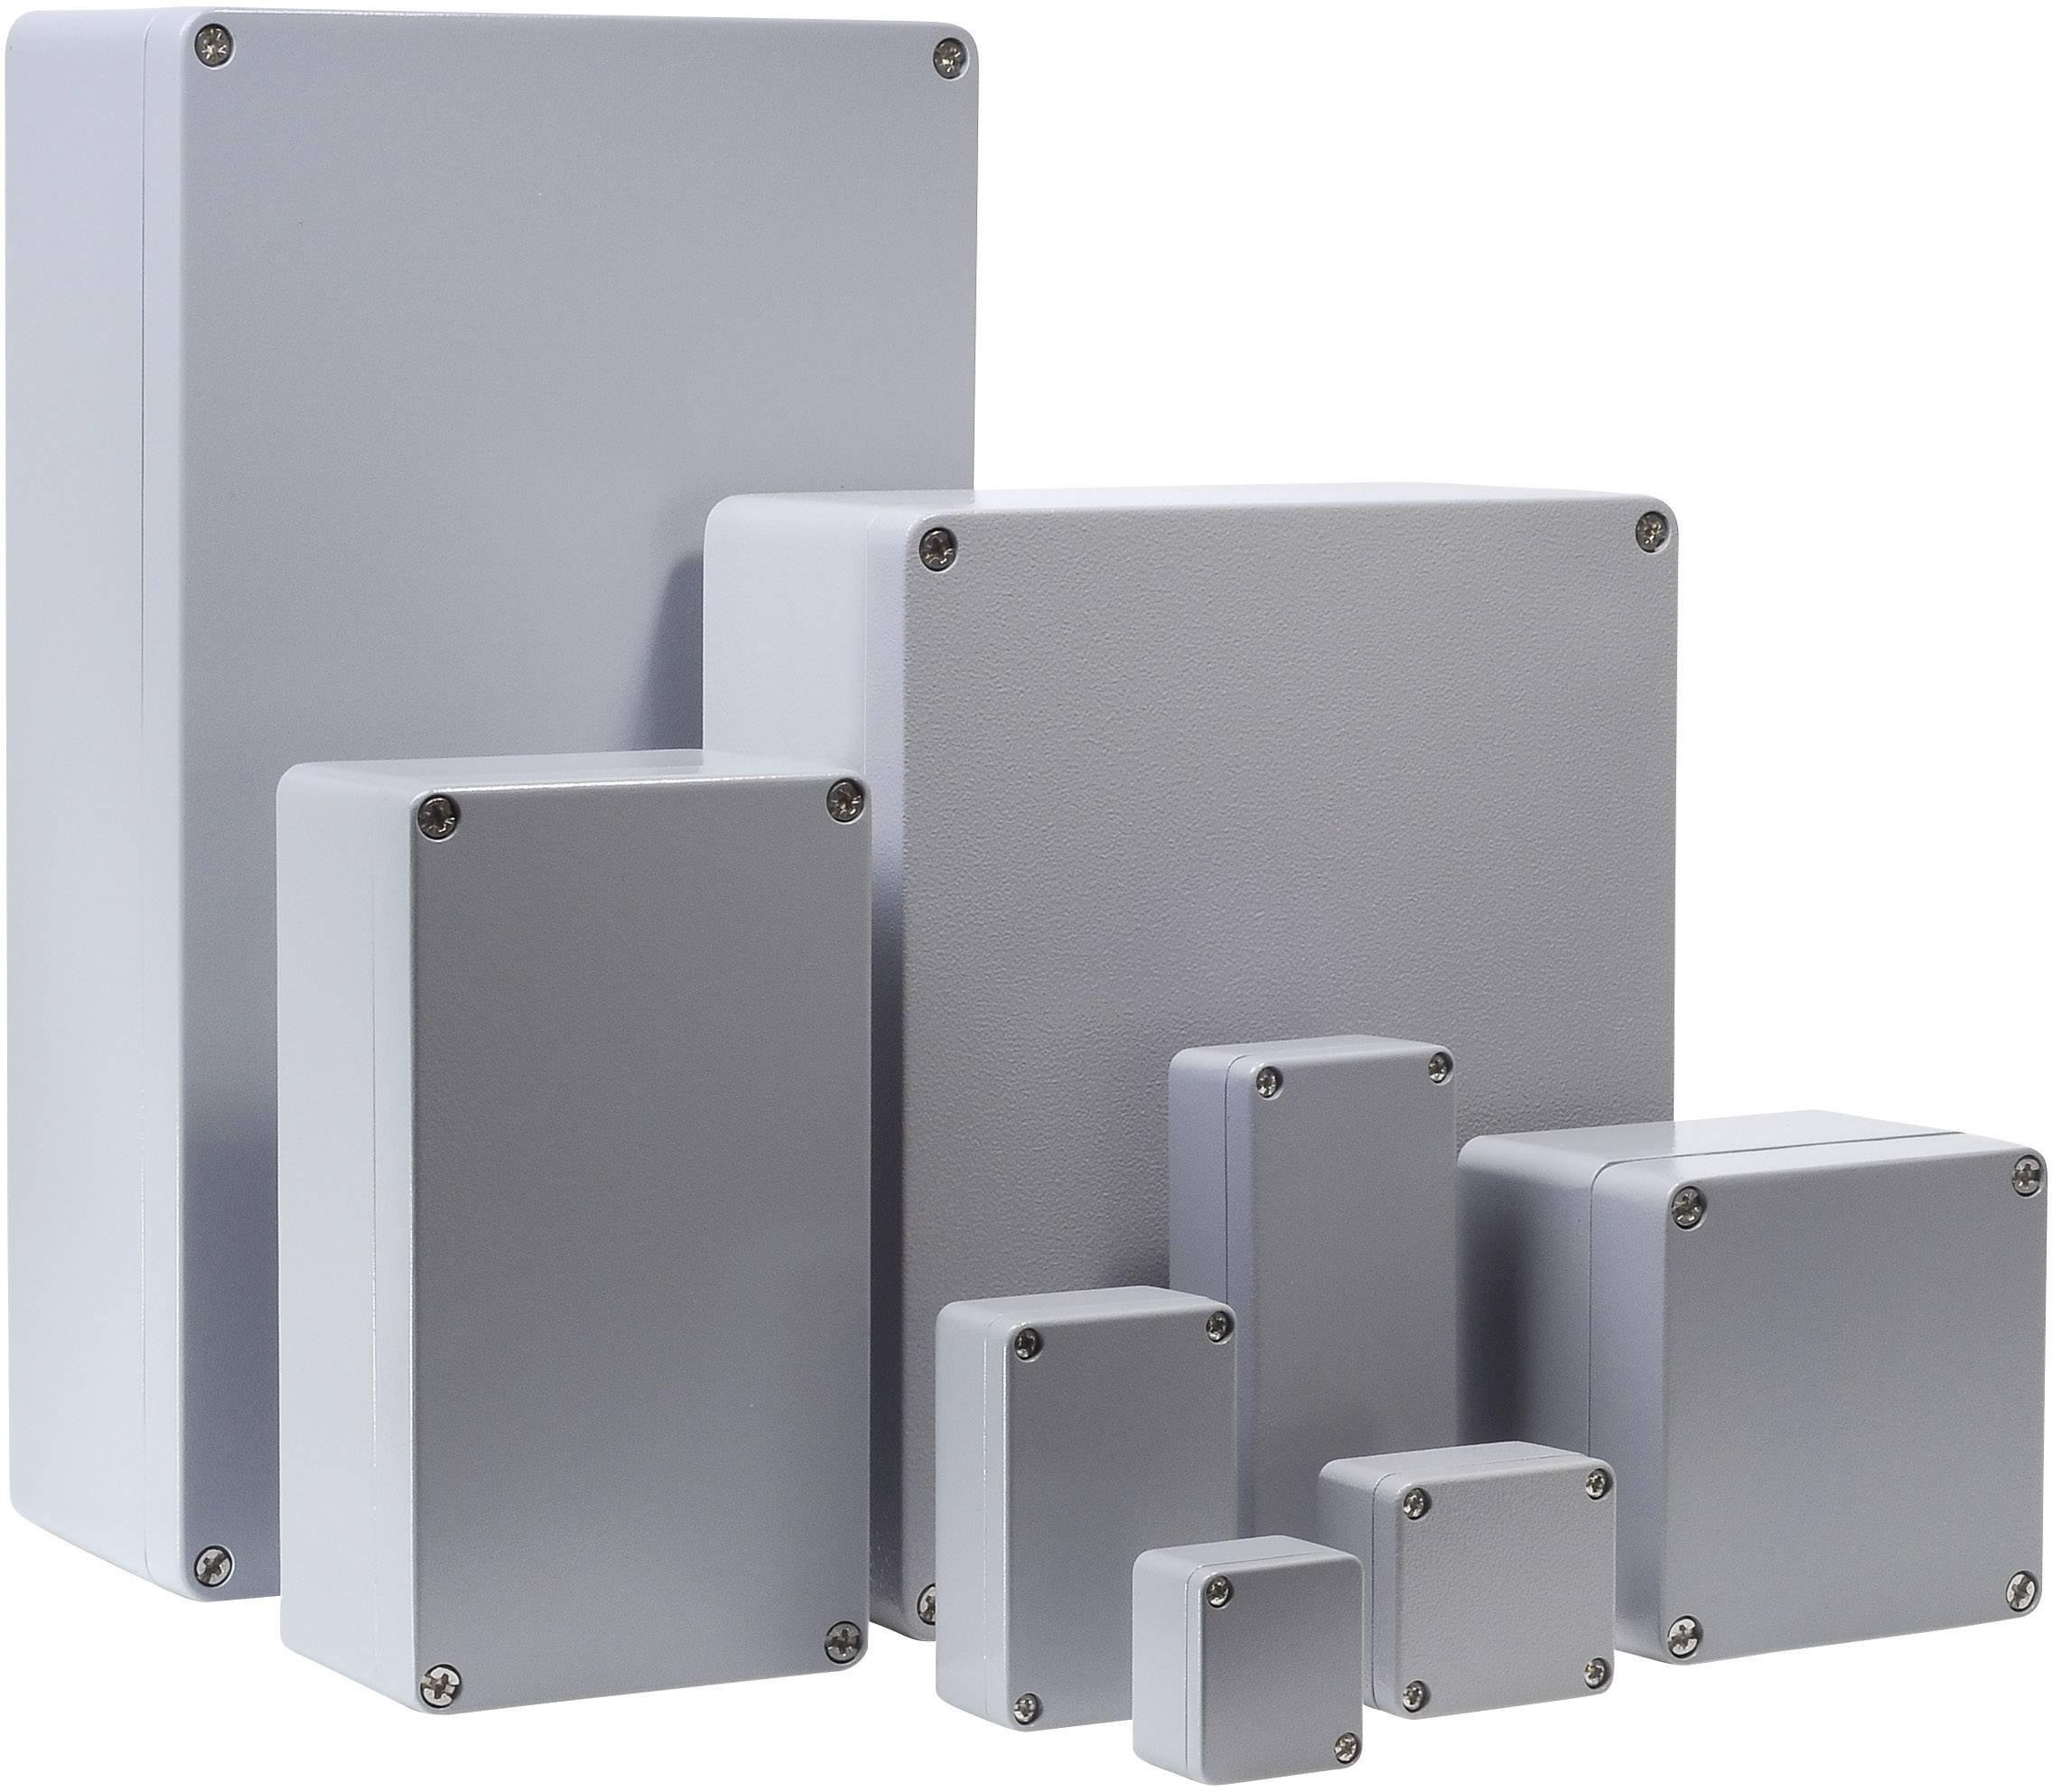 Univerzální pouzdro hliníkové Bernstein AG CA-100, (d x š x v) 150 x 64 x 36 mm, stříbrná